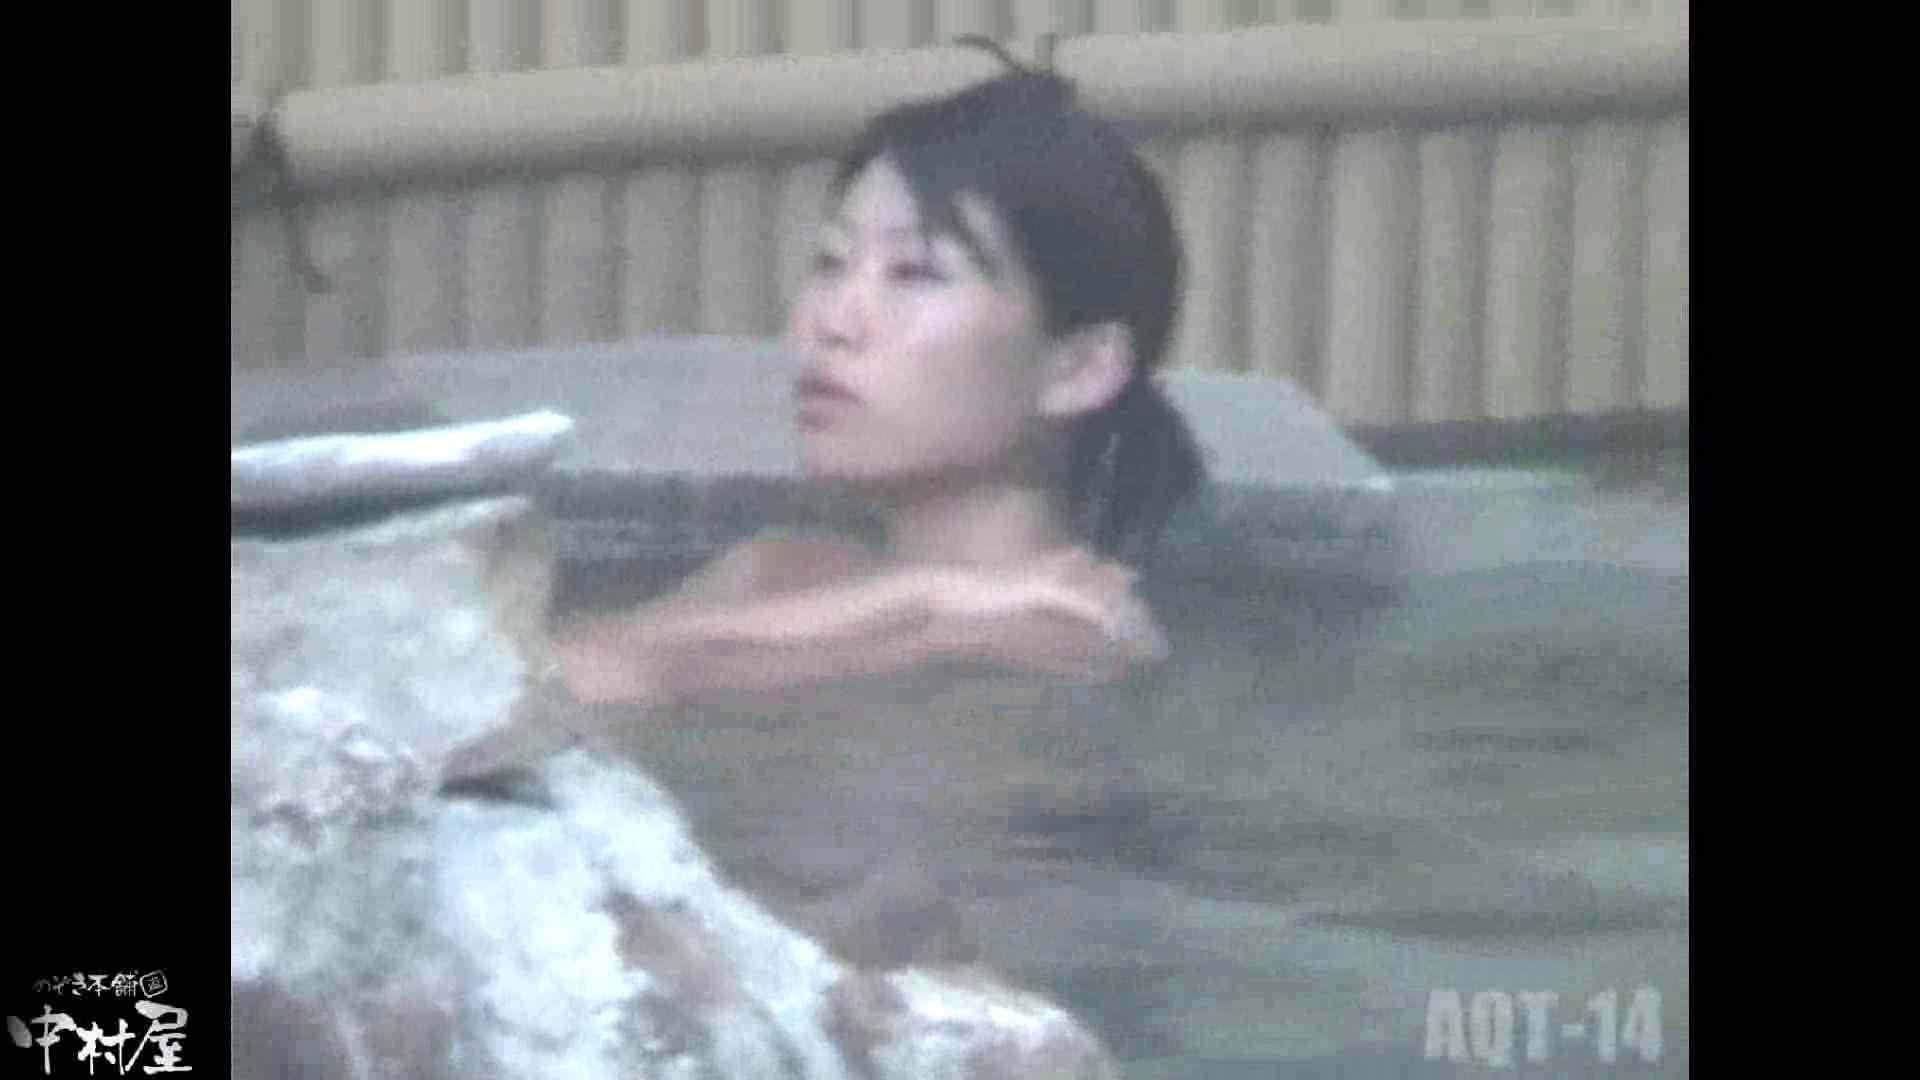 Aquaな露天風呂Vol.878潜入盗撮露天風呂十四判湯 其の一 露天風呂  9枚 3